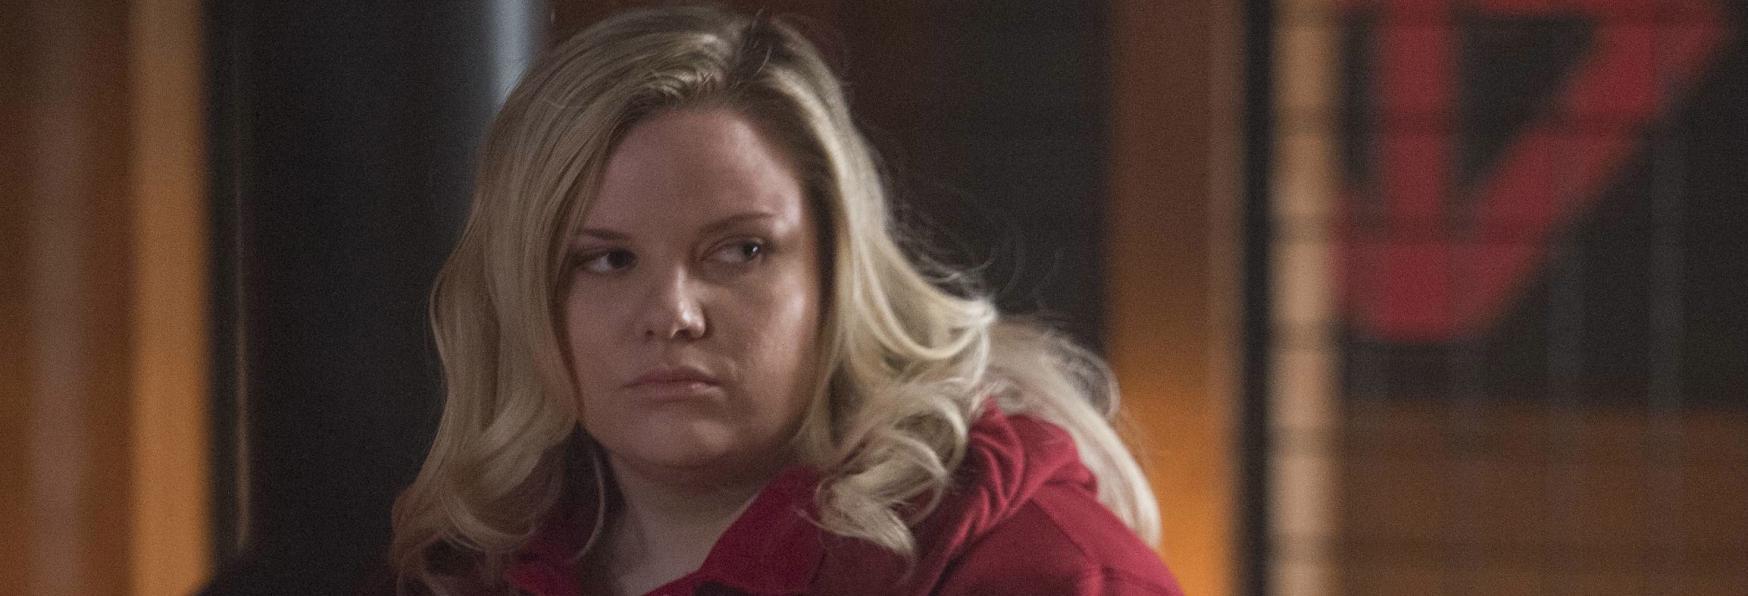 Grey's Anatomy 17: Mackenzie Marsh comparirà nella nuova Stagione della Serie TV ABC